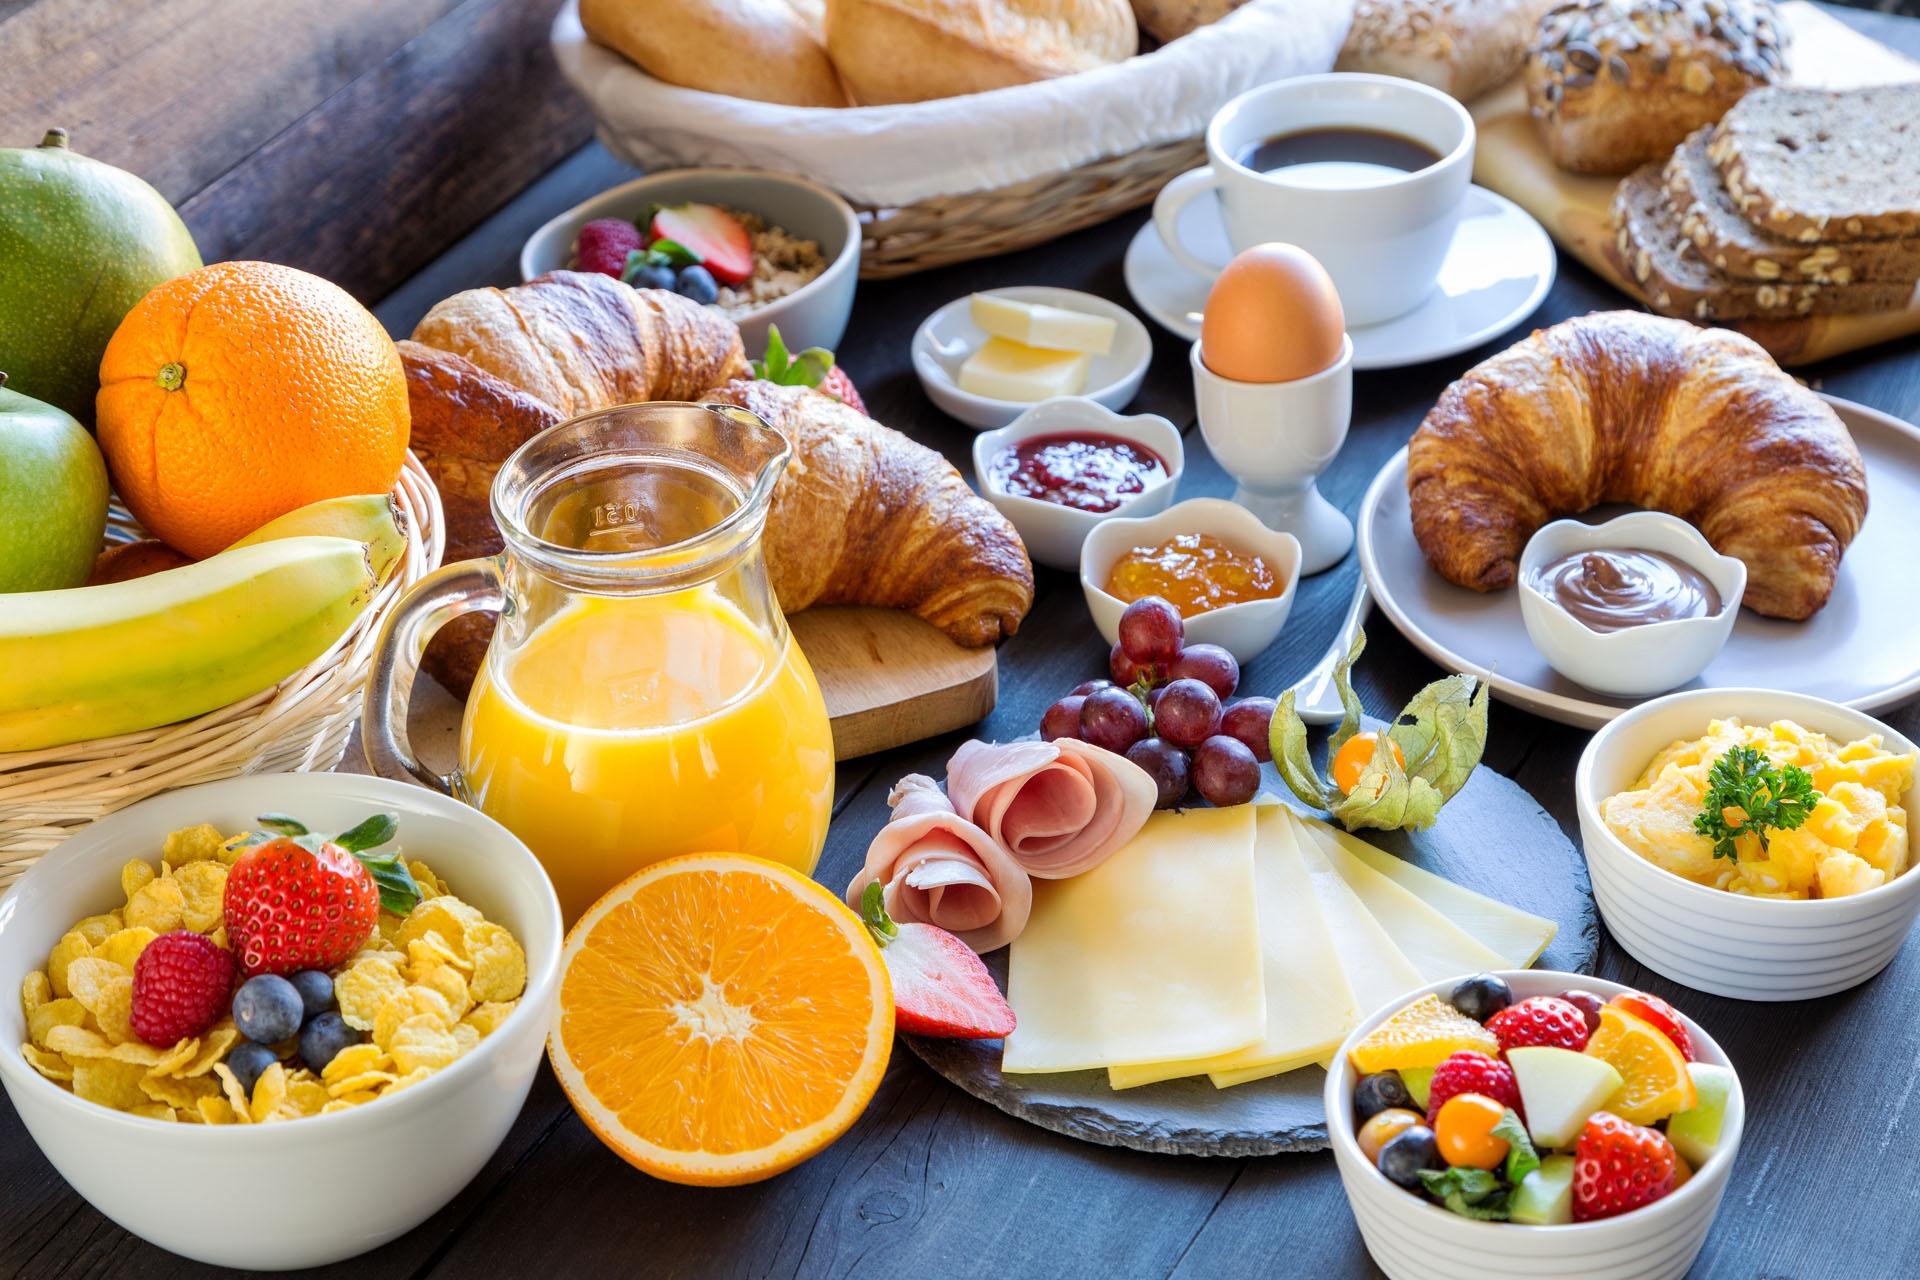 Ontbijt en brunch - Palethoeve